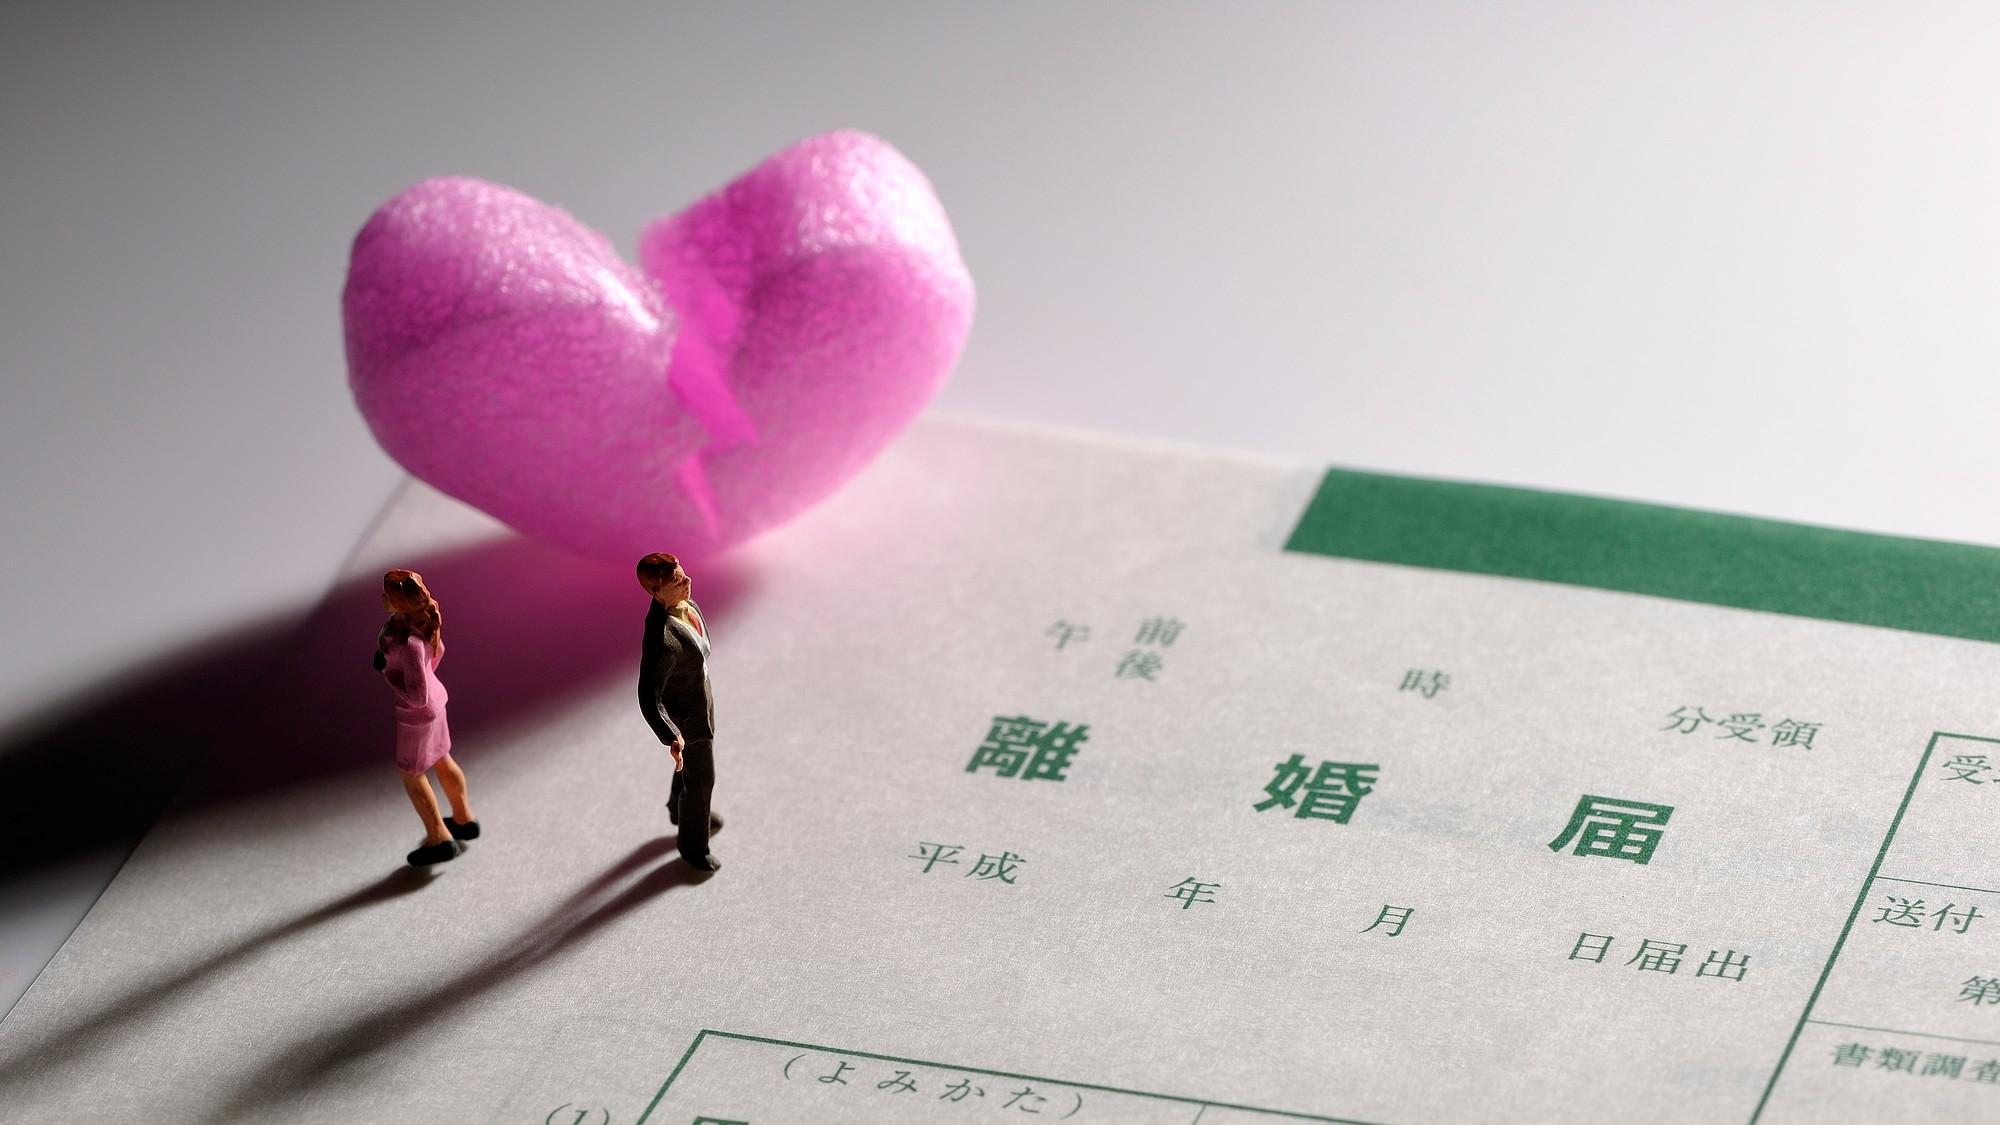 相手の取引銀行をおさえる…「金を残す離婚」のための準備